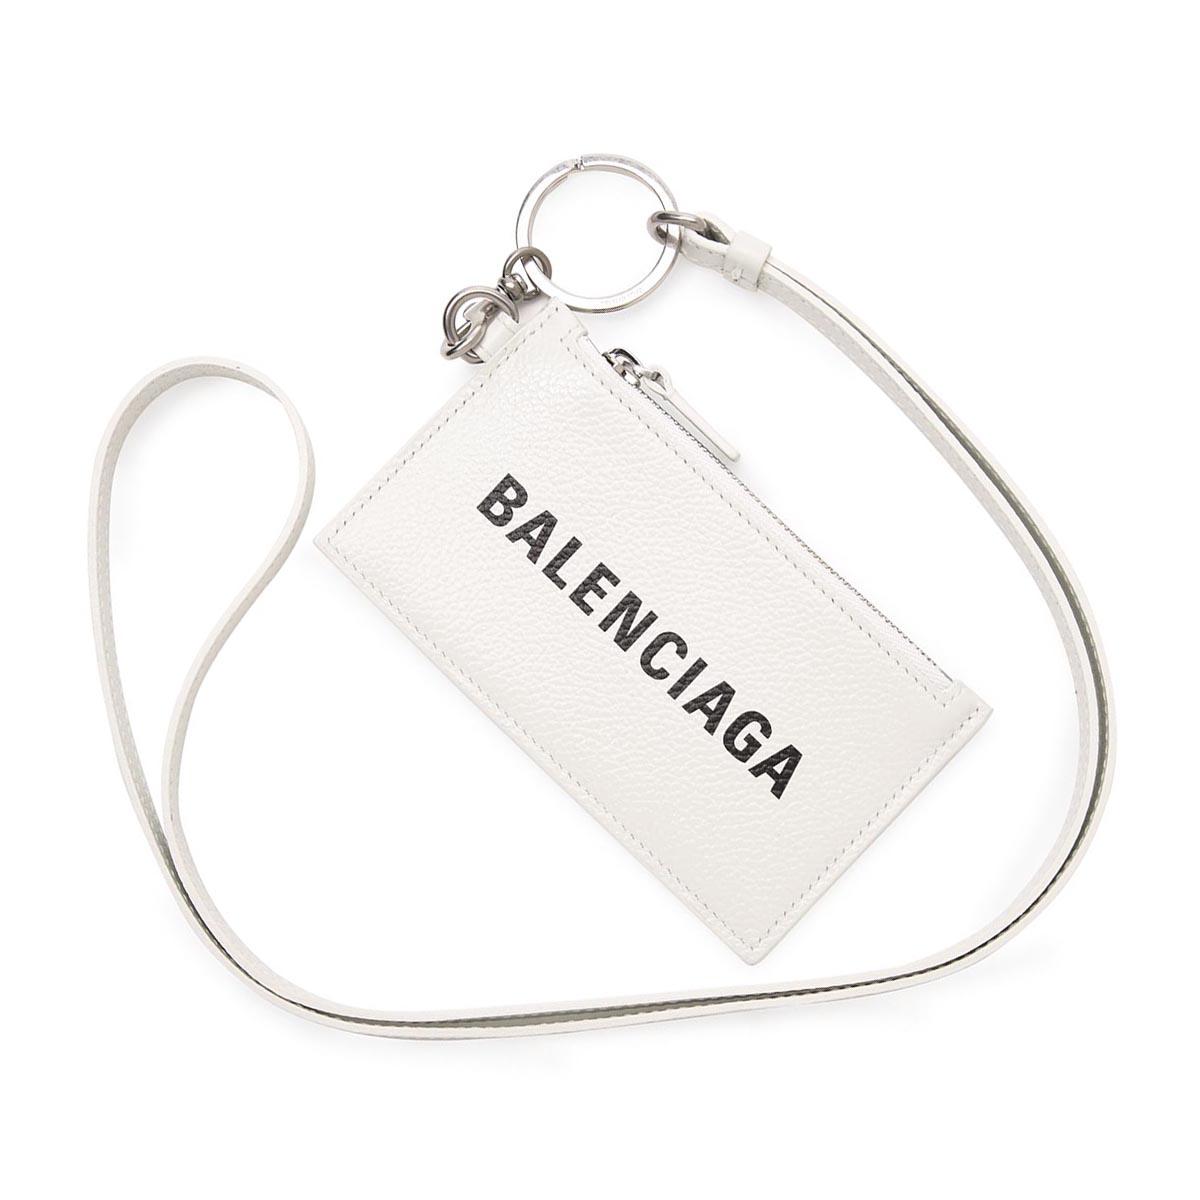 送料無料 バレンシアガ BALENCIAGA カードケース コインケース CASH 2021年秋冬新作 ホワイト 2021AW 9060 [ギフト/プレゼント/ご褒美] メンズ あす楽対応_関東 返品送料無料 ラッピング無料 激安特価品 1izi3 594548